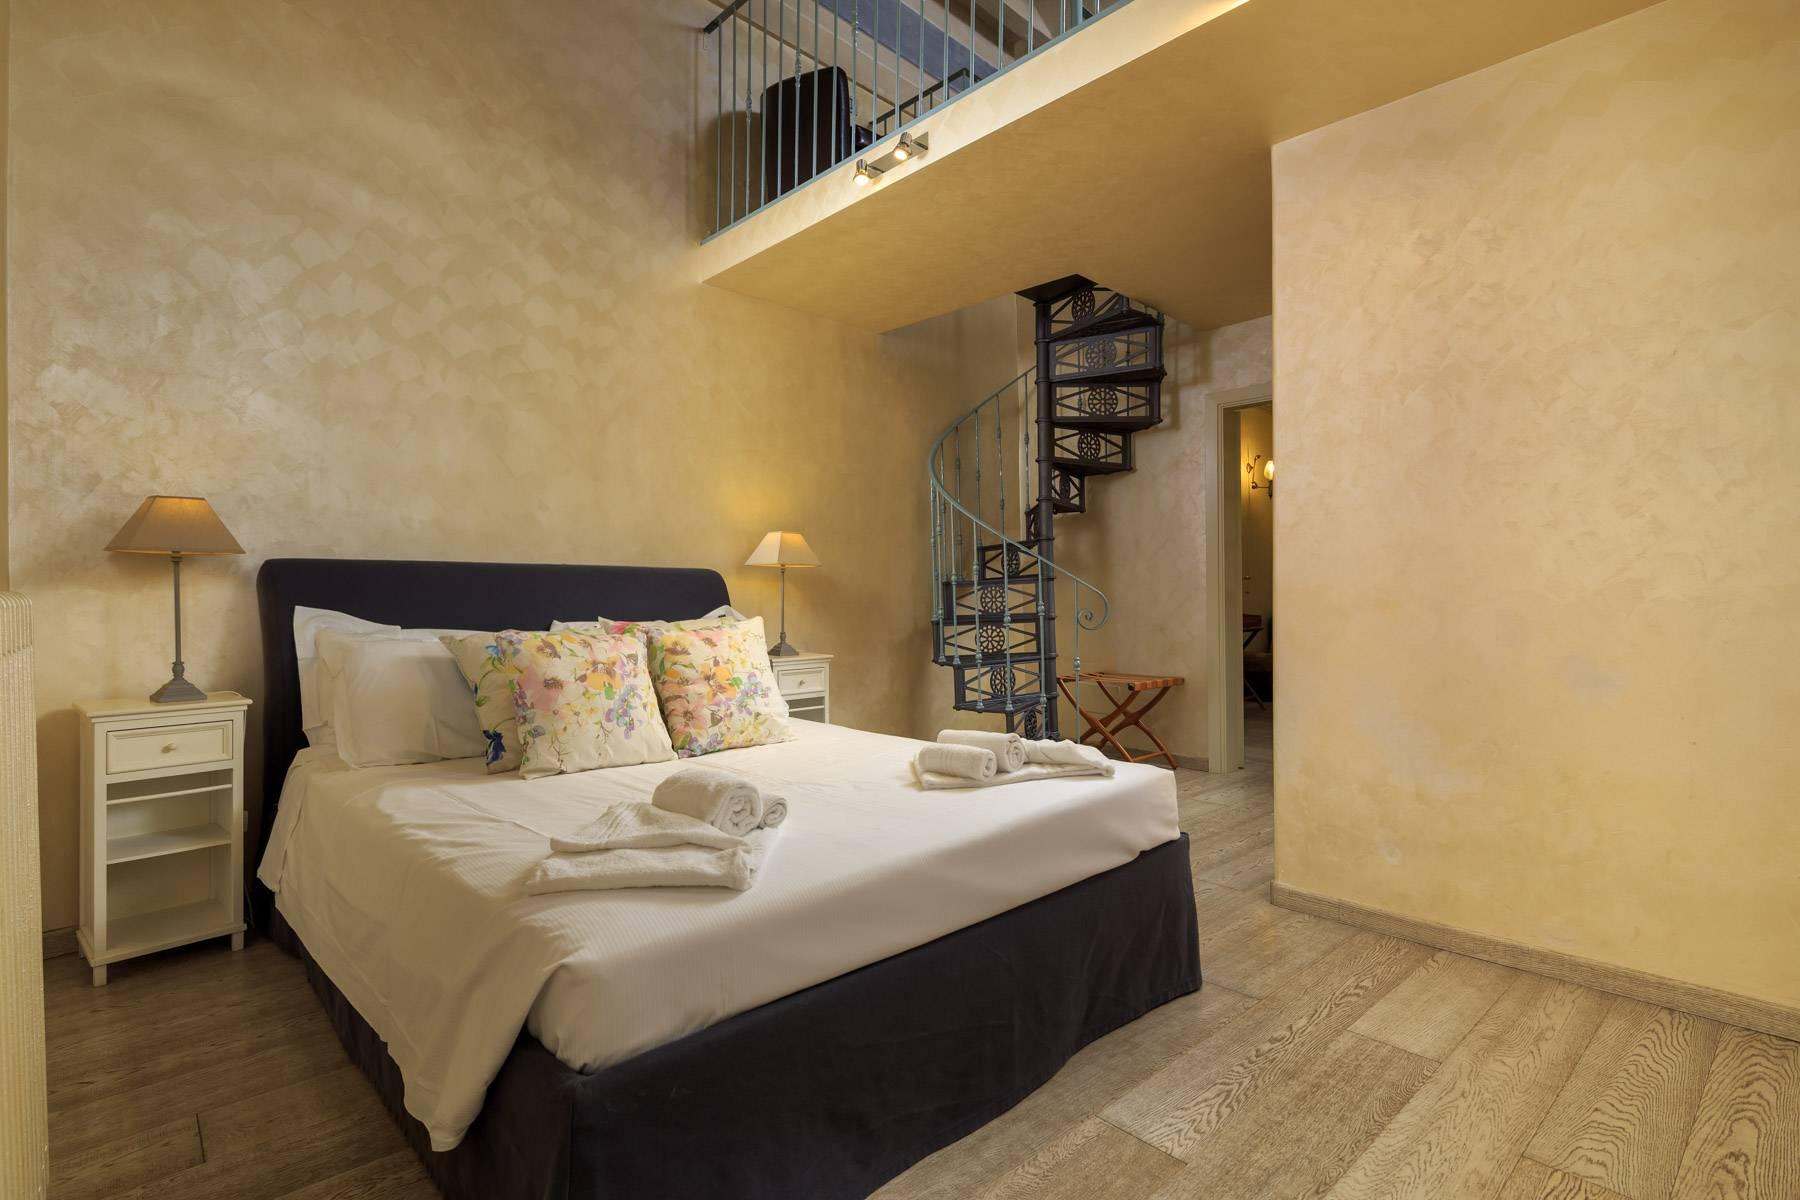 Appartamento in Vendita a Firenze: 5 locali, 140 mq - Foto 8